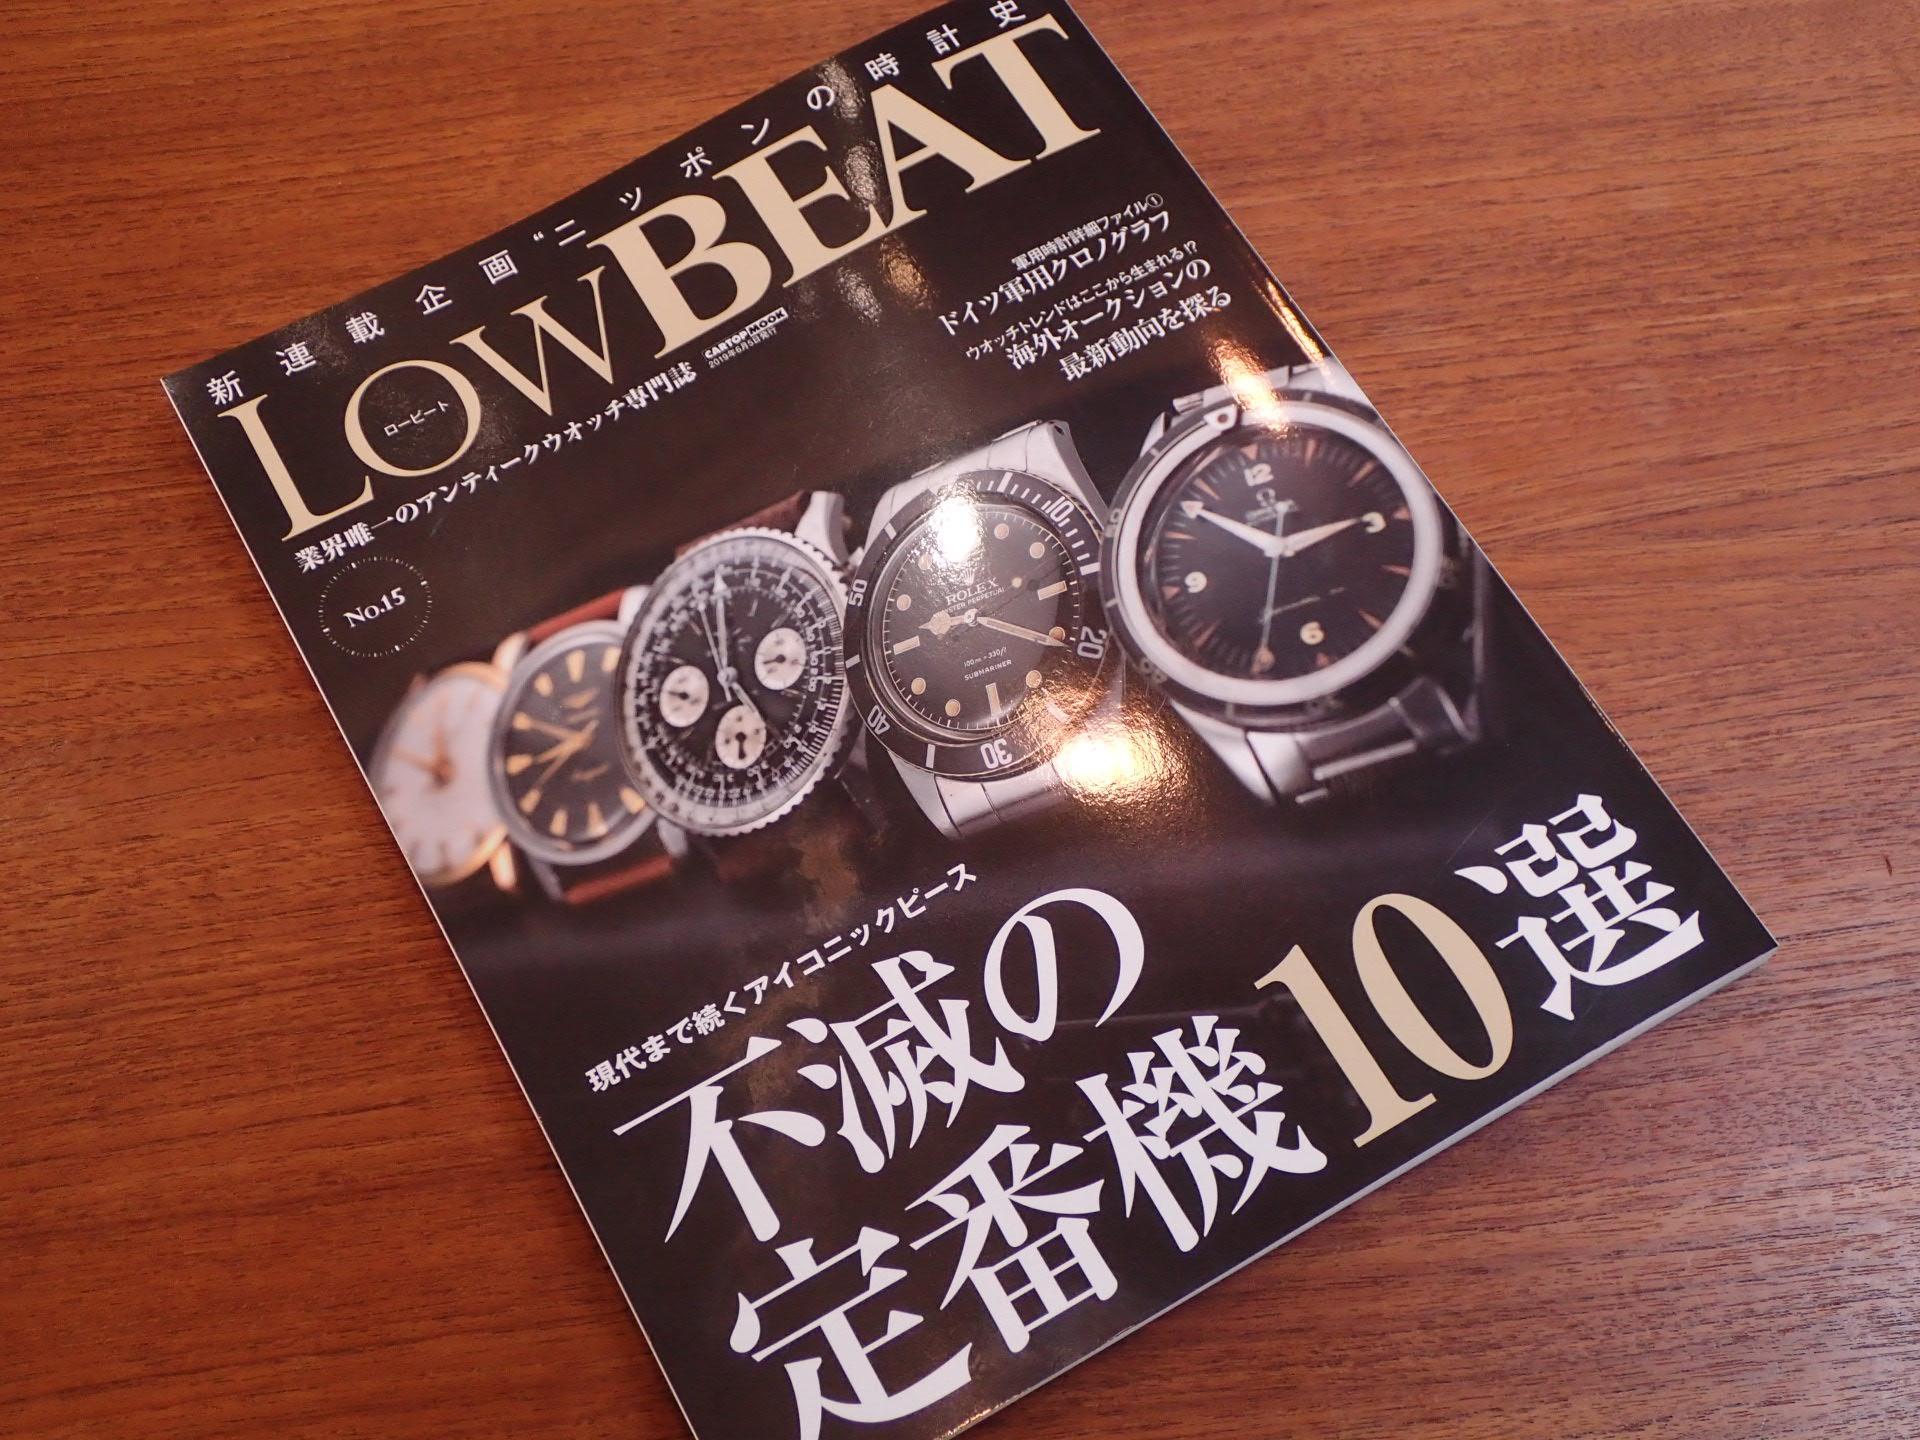 LowBEAT(ロービート)No.15 発売 ドイツ軍用クロノグラフ